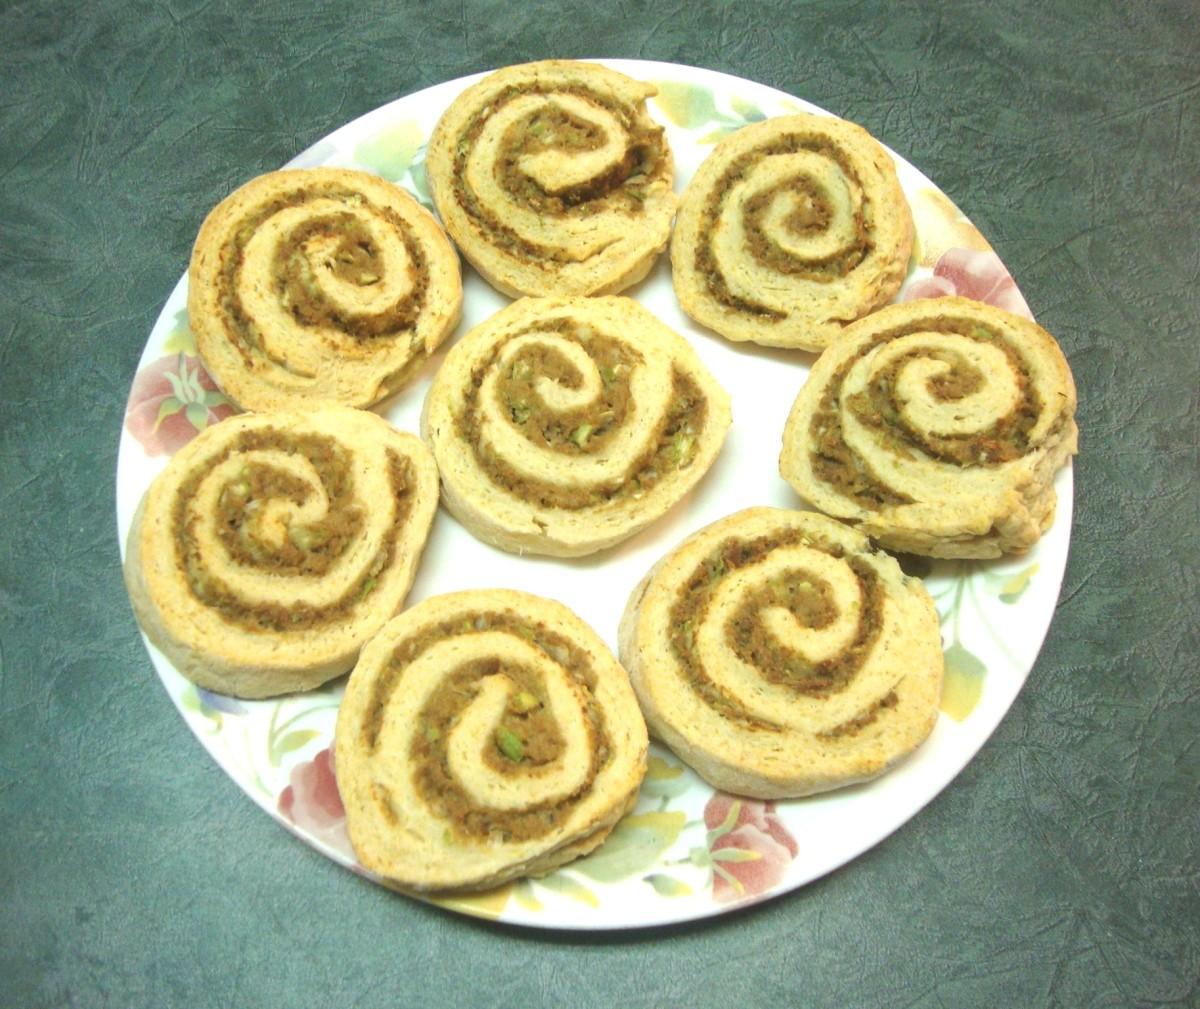 Biscuit spirals